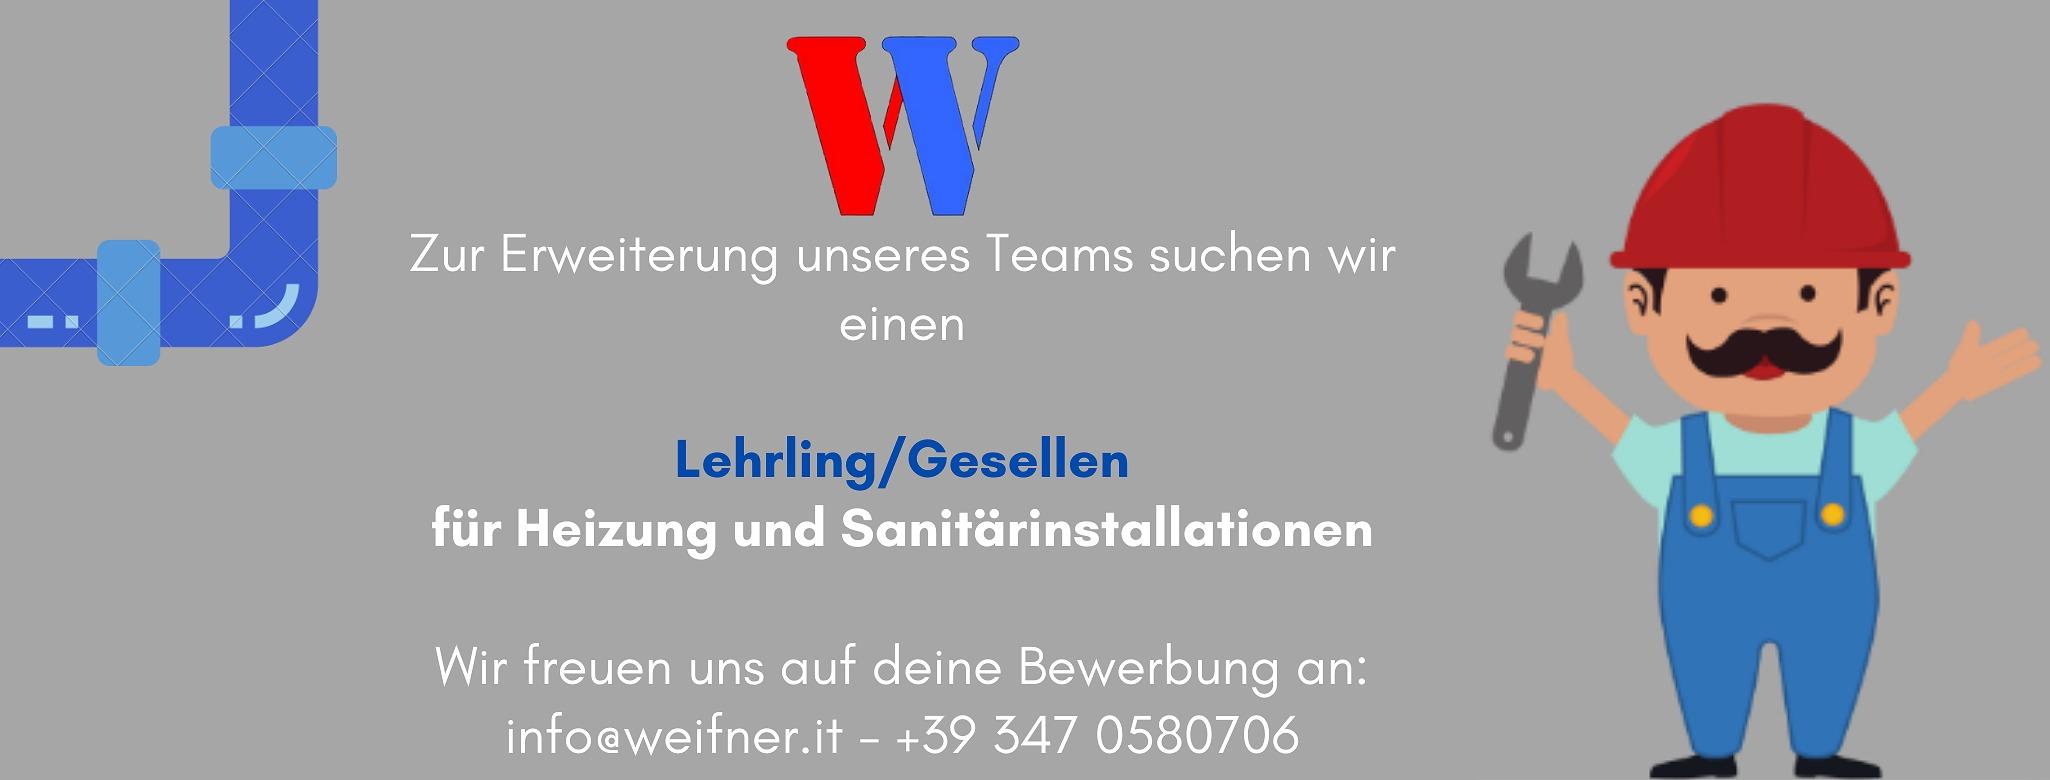 Zur_Erweiterung_unseres_Teams_suchen_wir